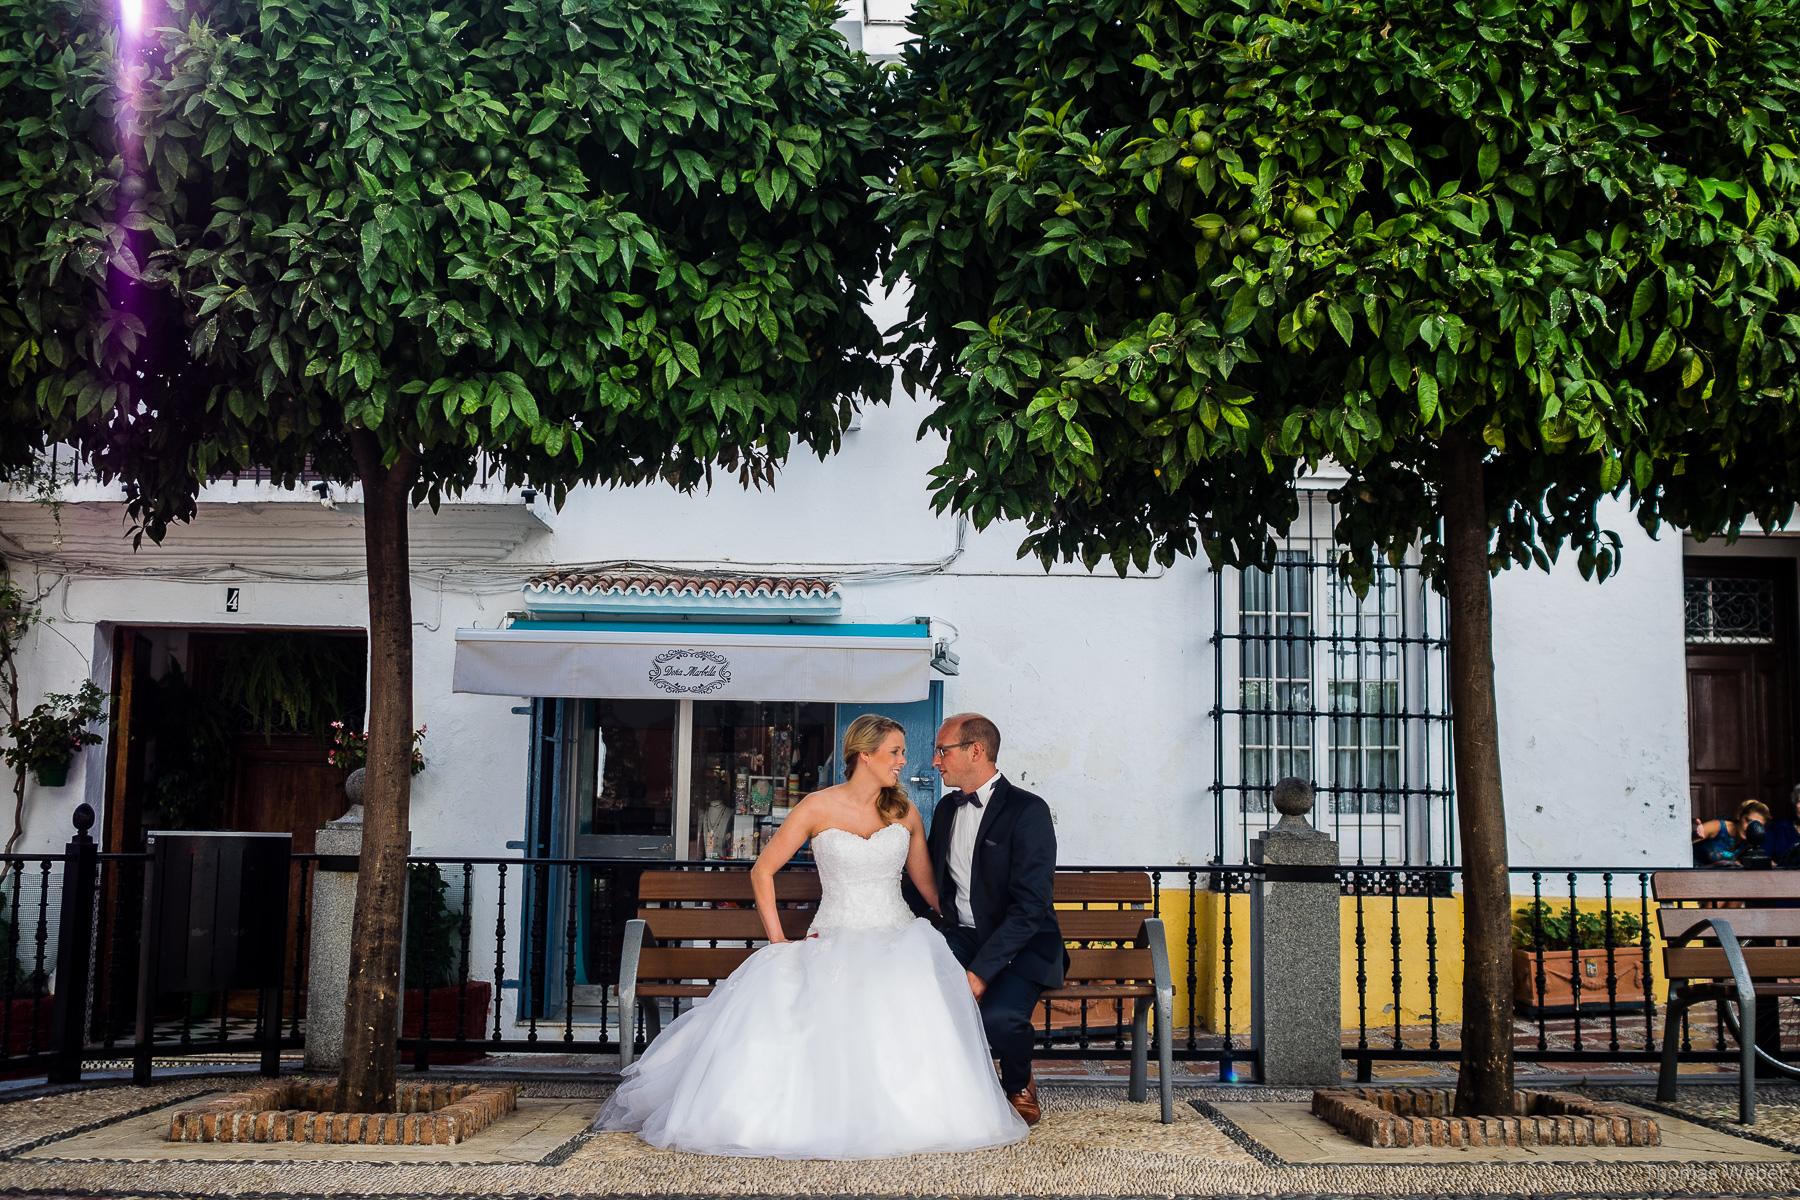 After Wedding Shooting in Marbella (Spanien), Hochzeitsfotograf Thomas Weber aus Oldenburg